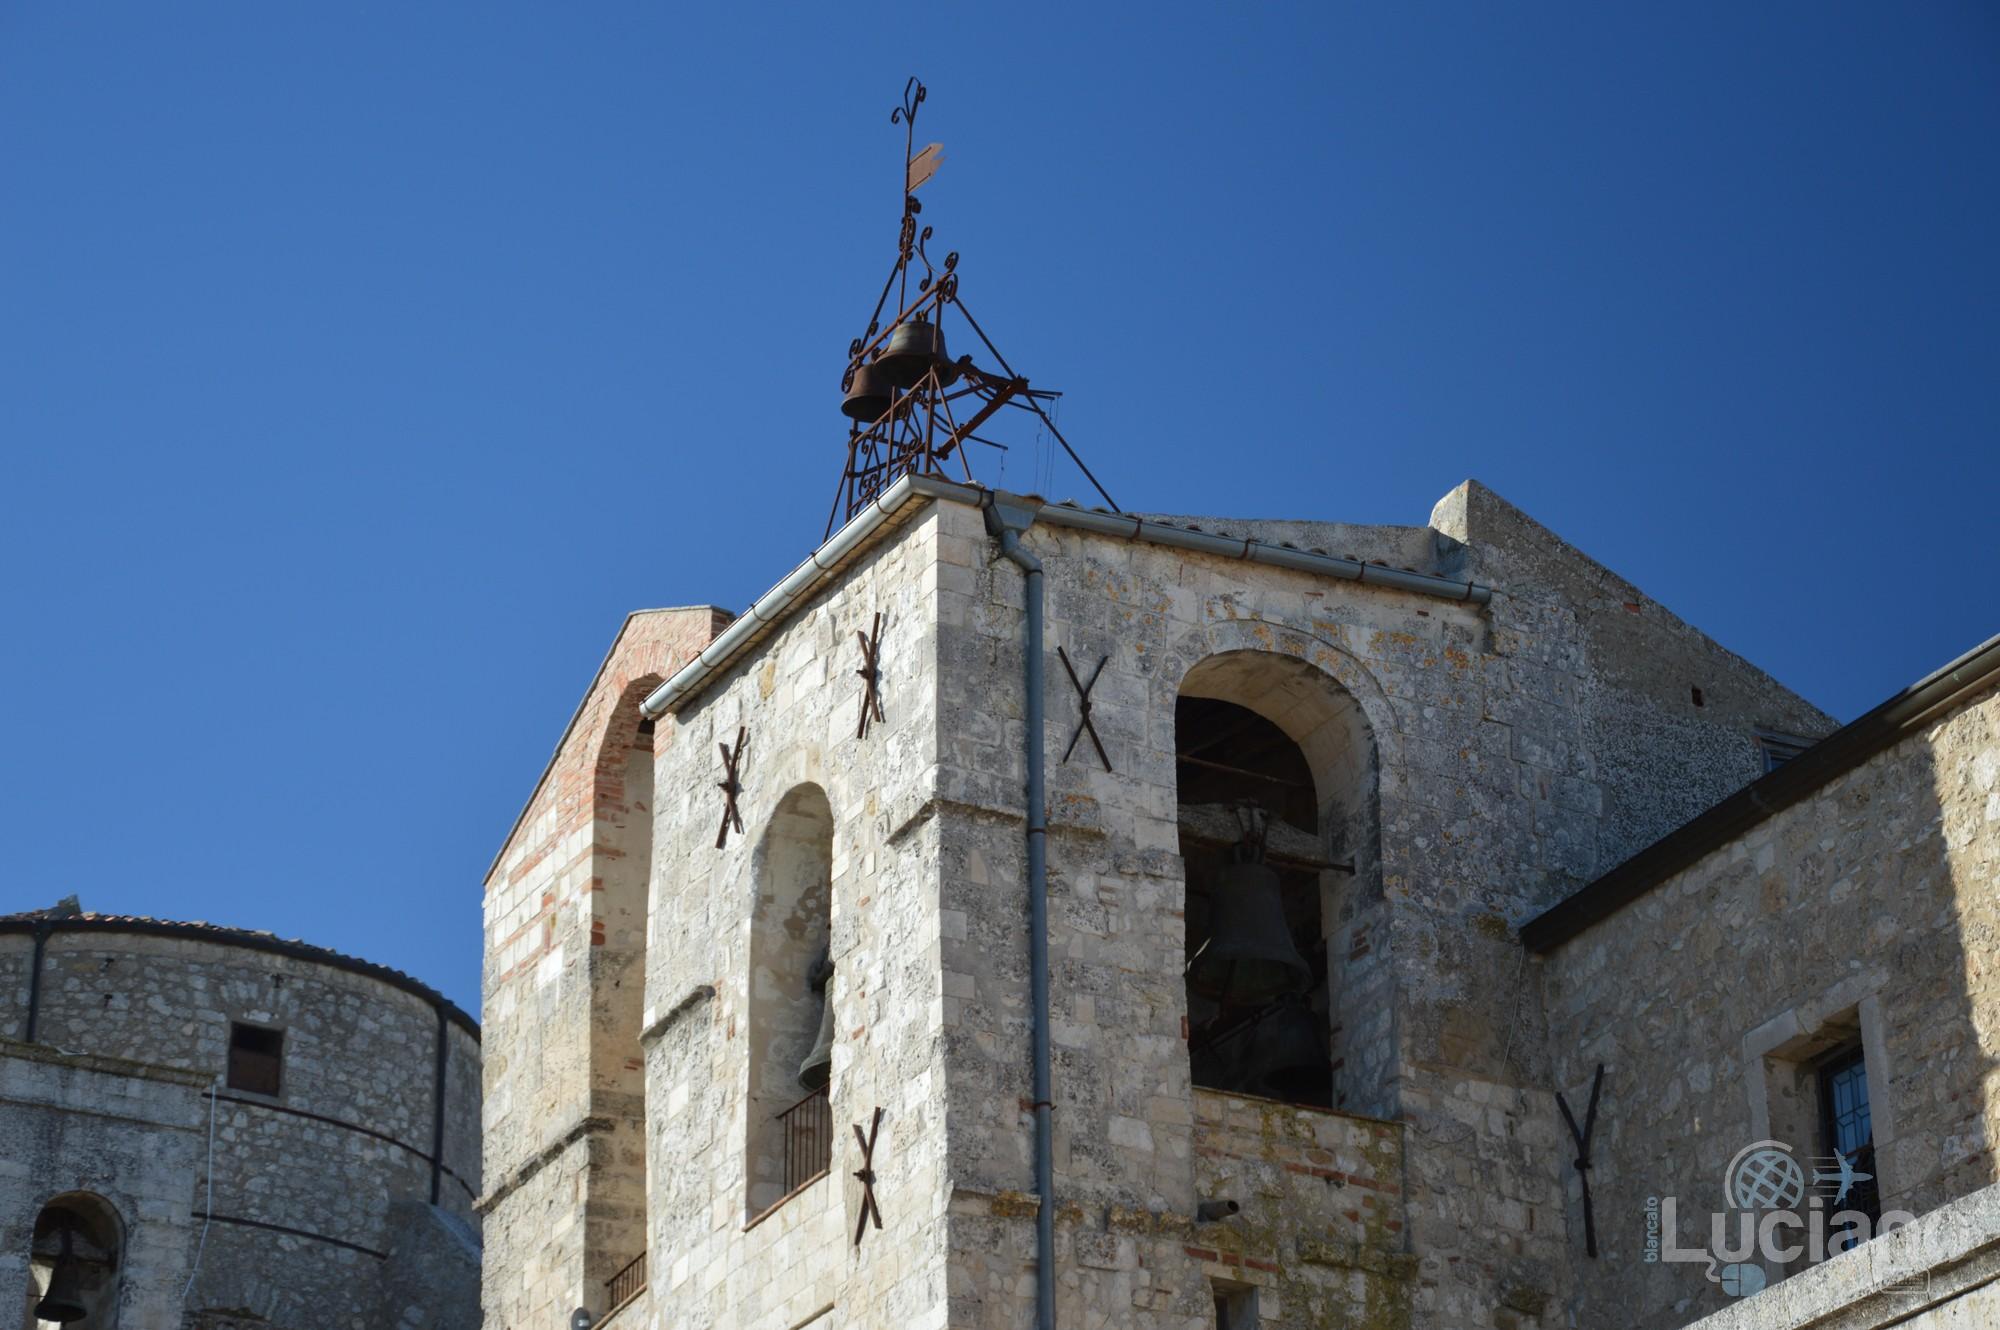 Campanile della Chiesa Matrice nel borgo di Petralia Soprana - Palermo -  I Borghi più belli d'Italia - Borgo più bello d'Italia 2018